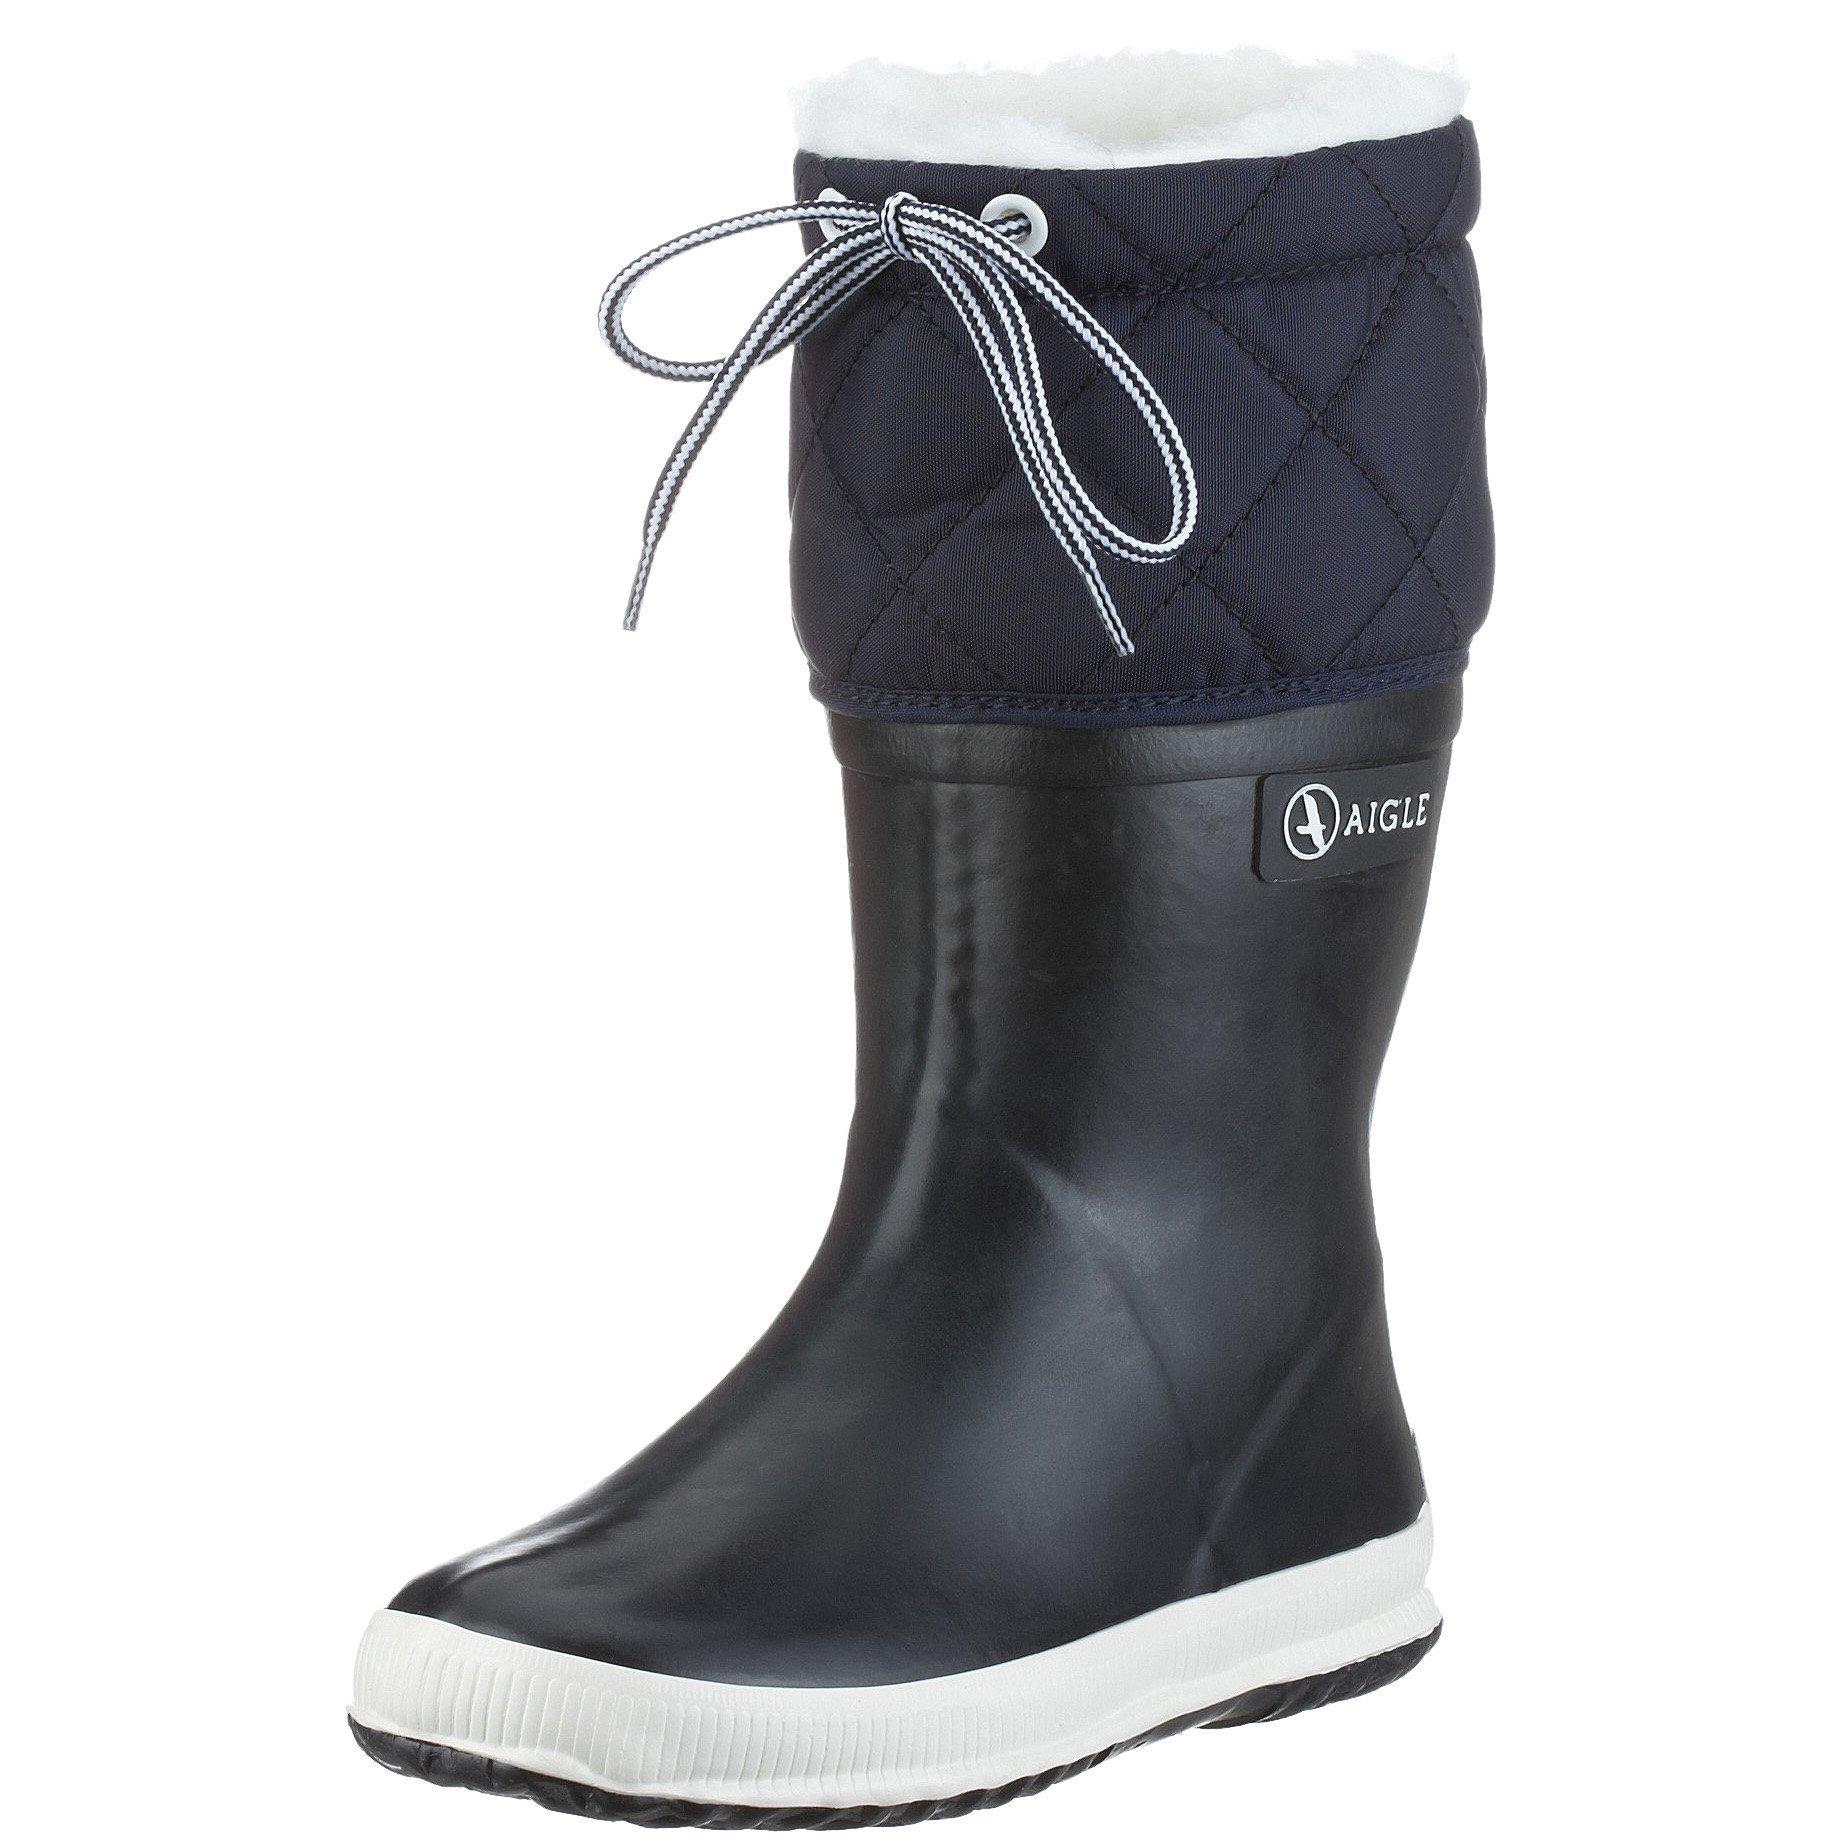 Top Femme Chaussures De Notes Les Travail Selon OqSPwOx